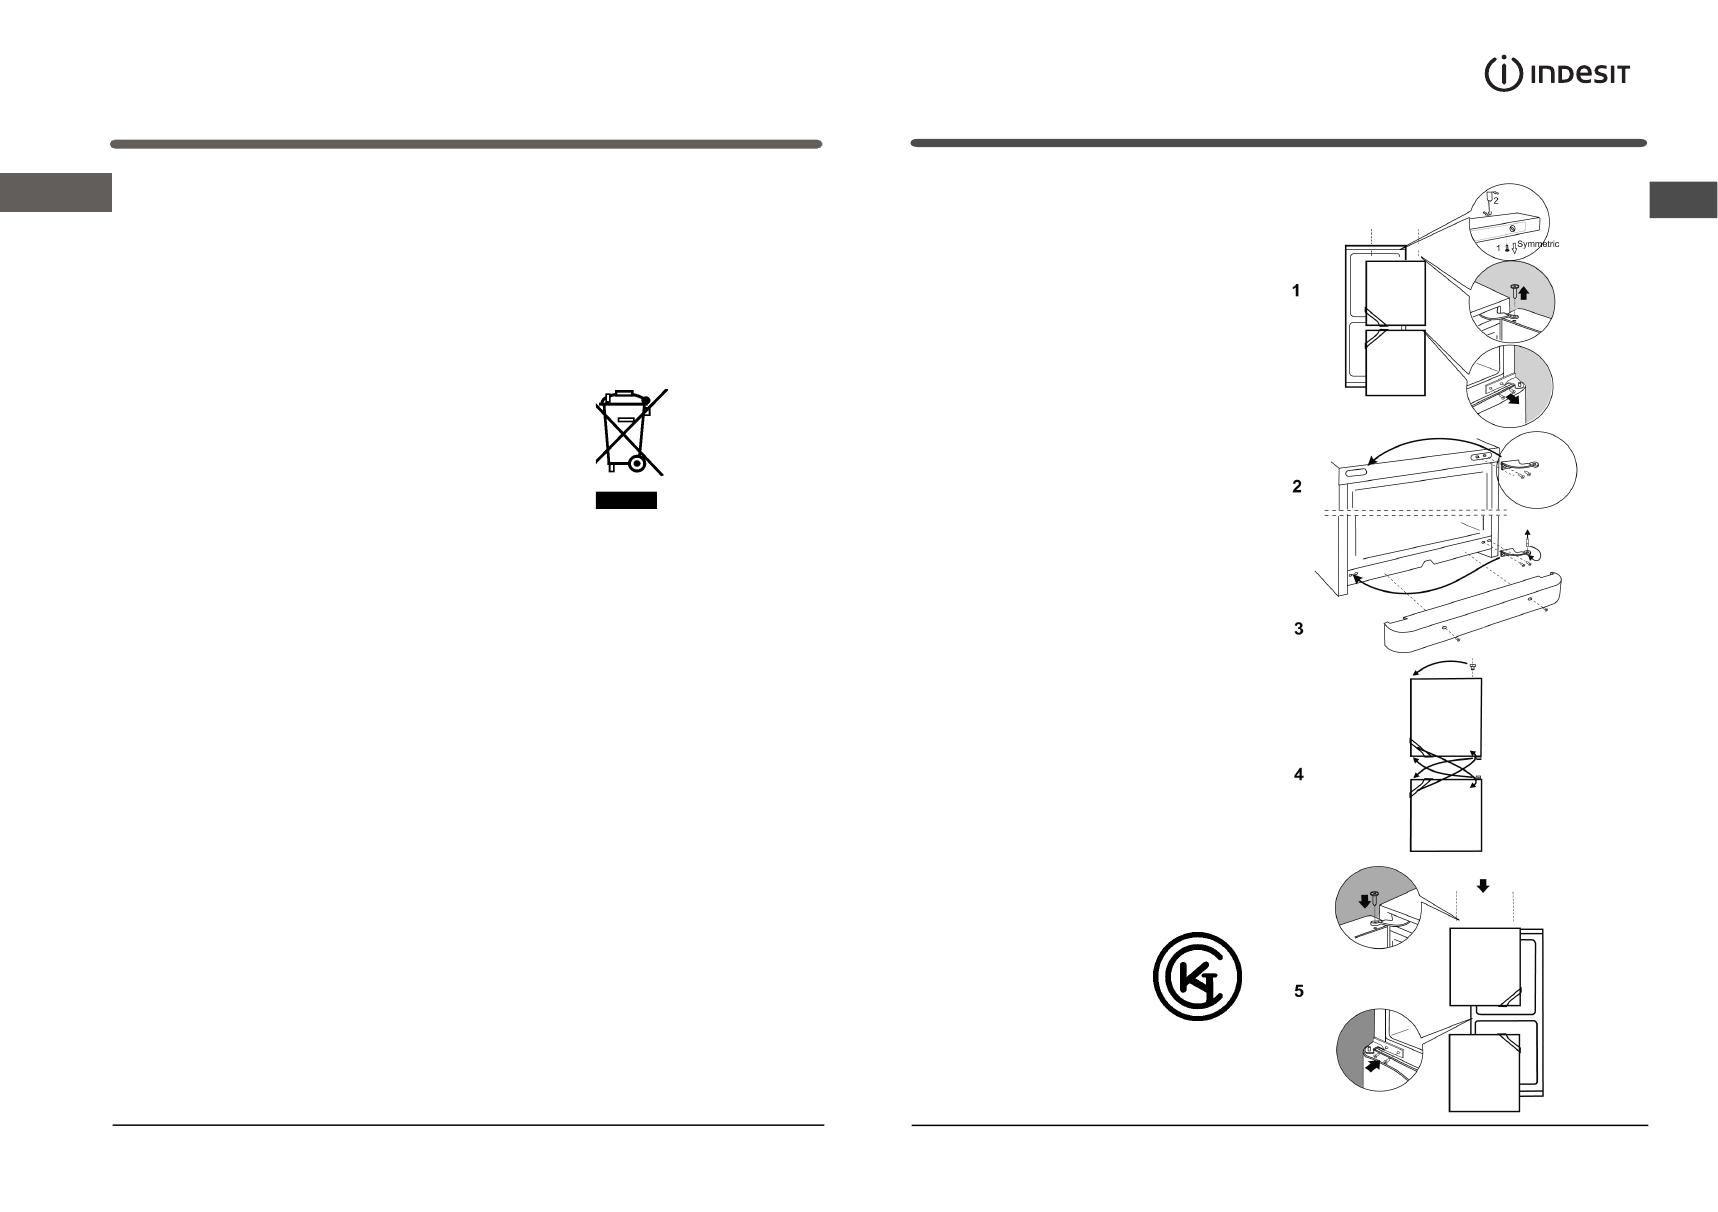 руководство по эксплуатации индезит холодильник